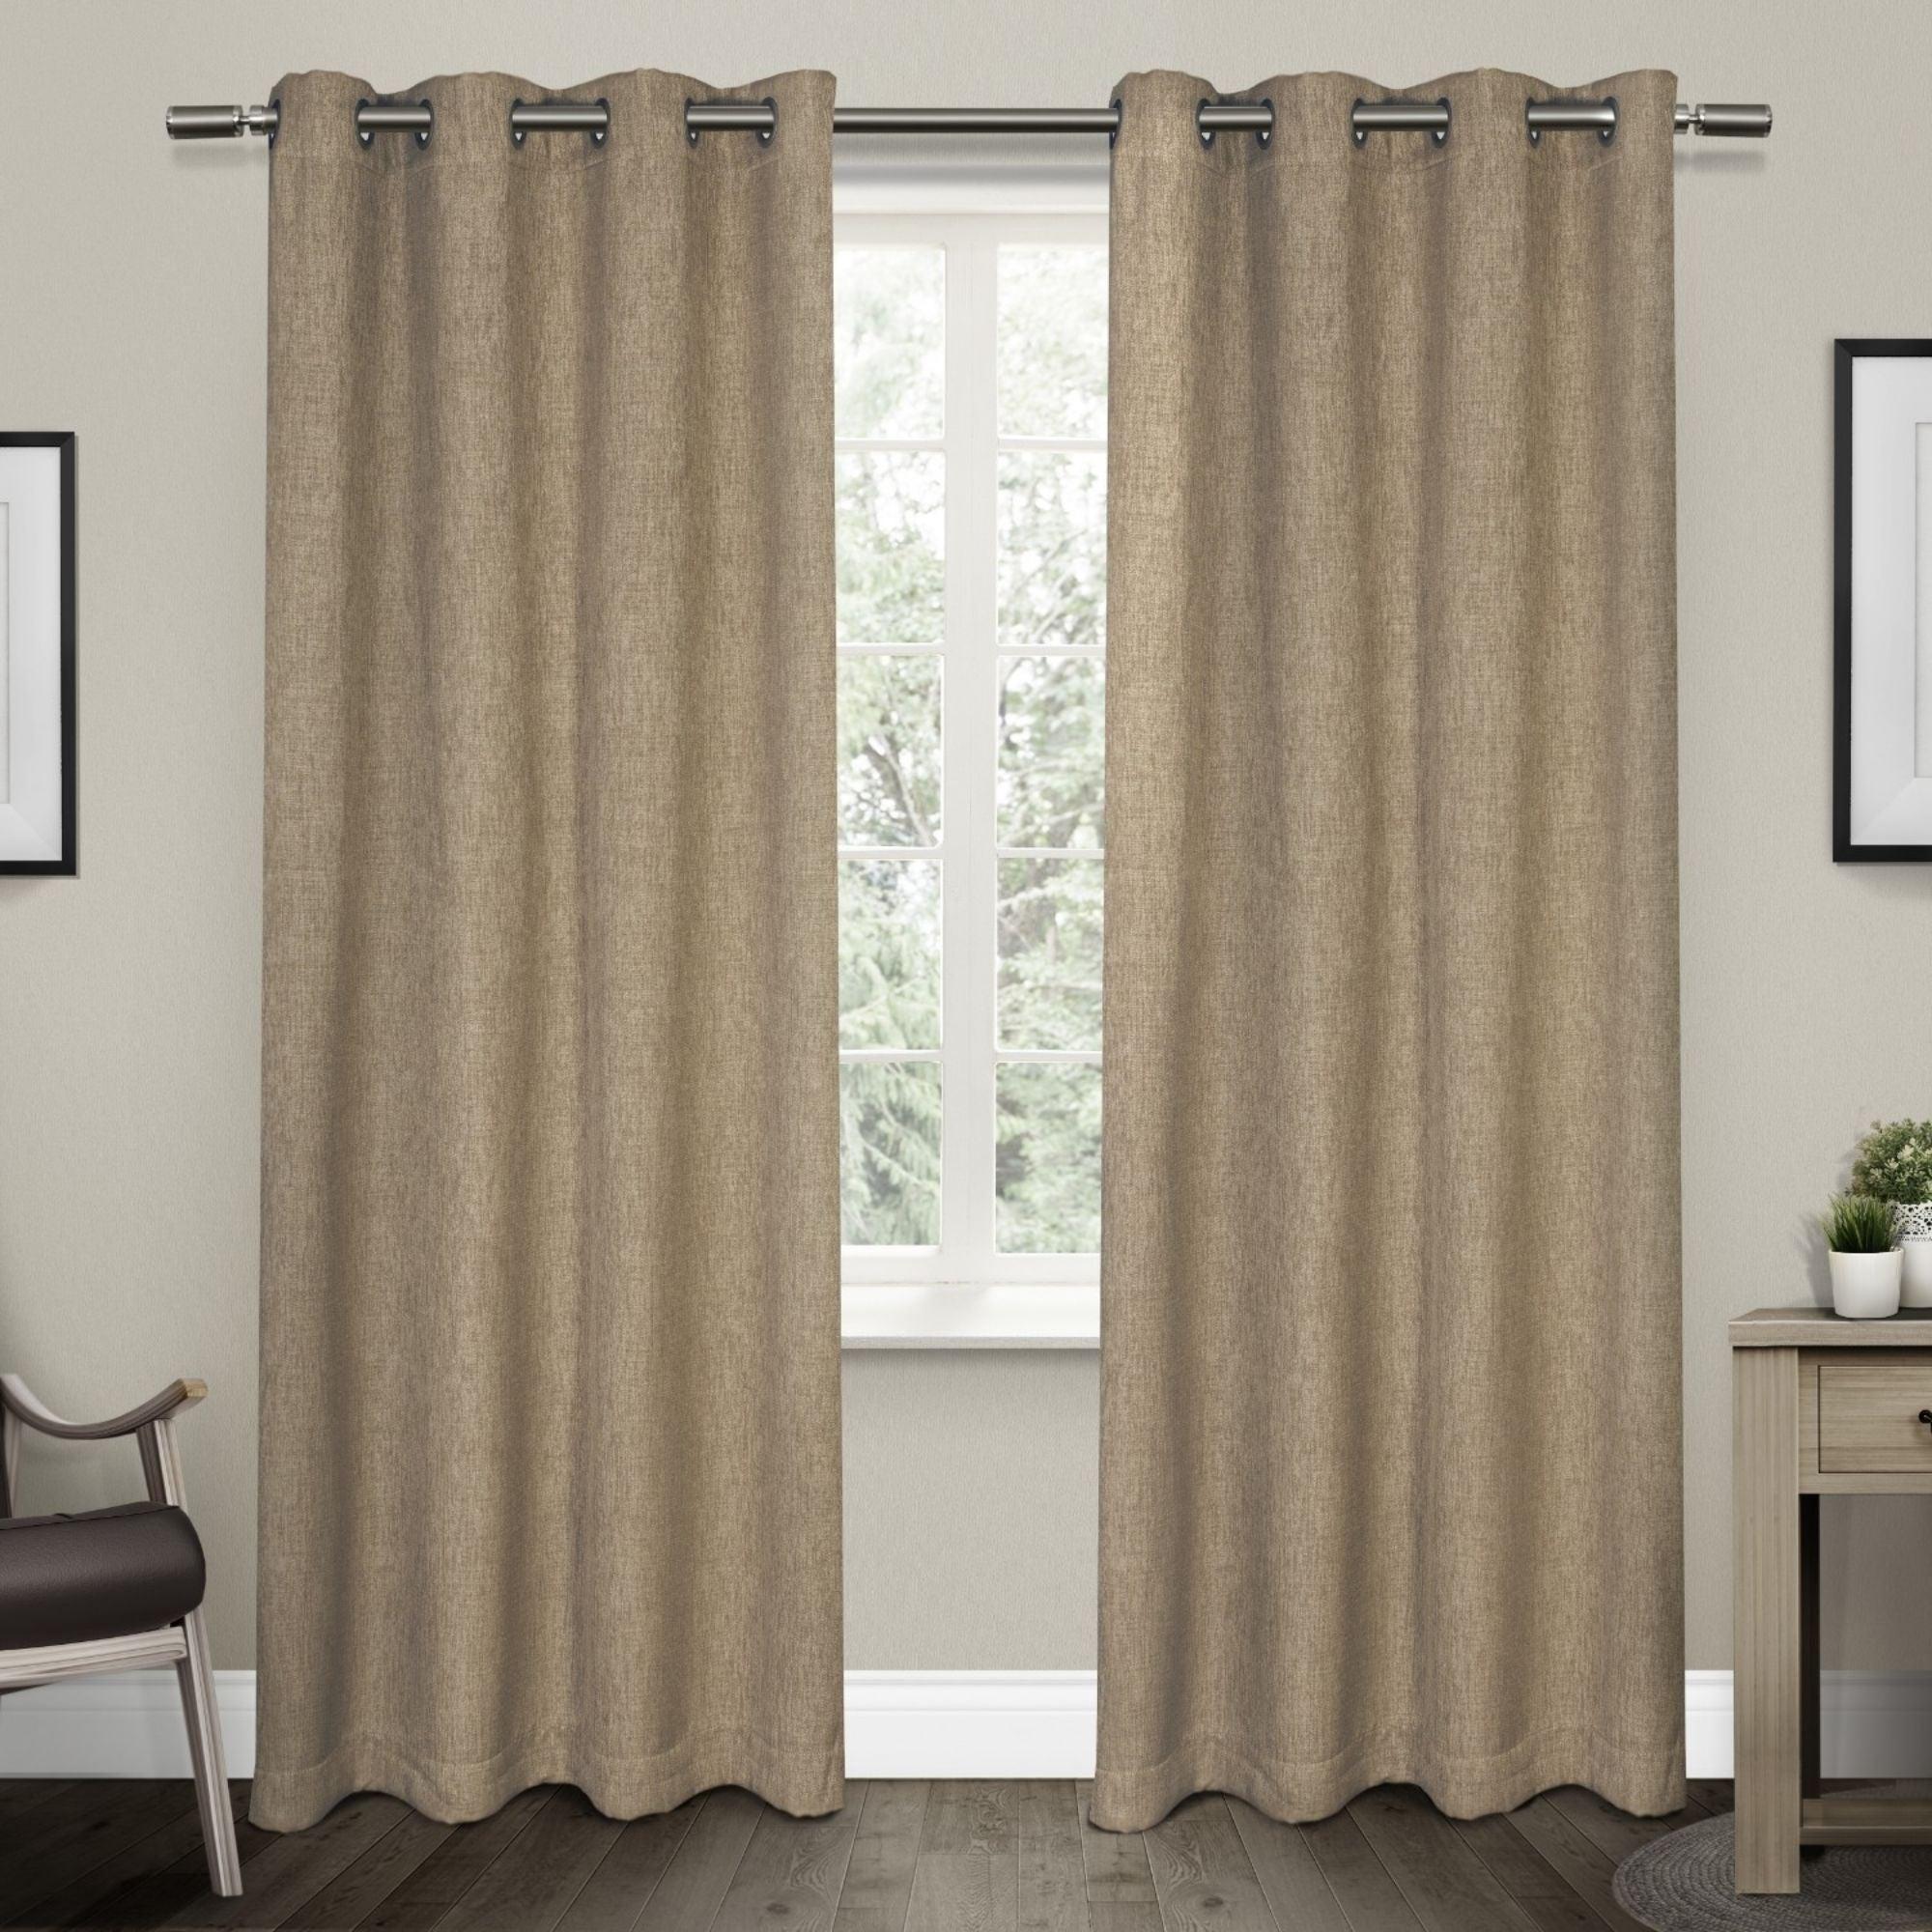 Strick & Bolton Laurette Linen Woven Blackout Grommet Top Curtain Panel Pair With Woven Blackout Grommet Top Curtain Panel Pairs (View 15 of 30)